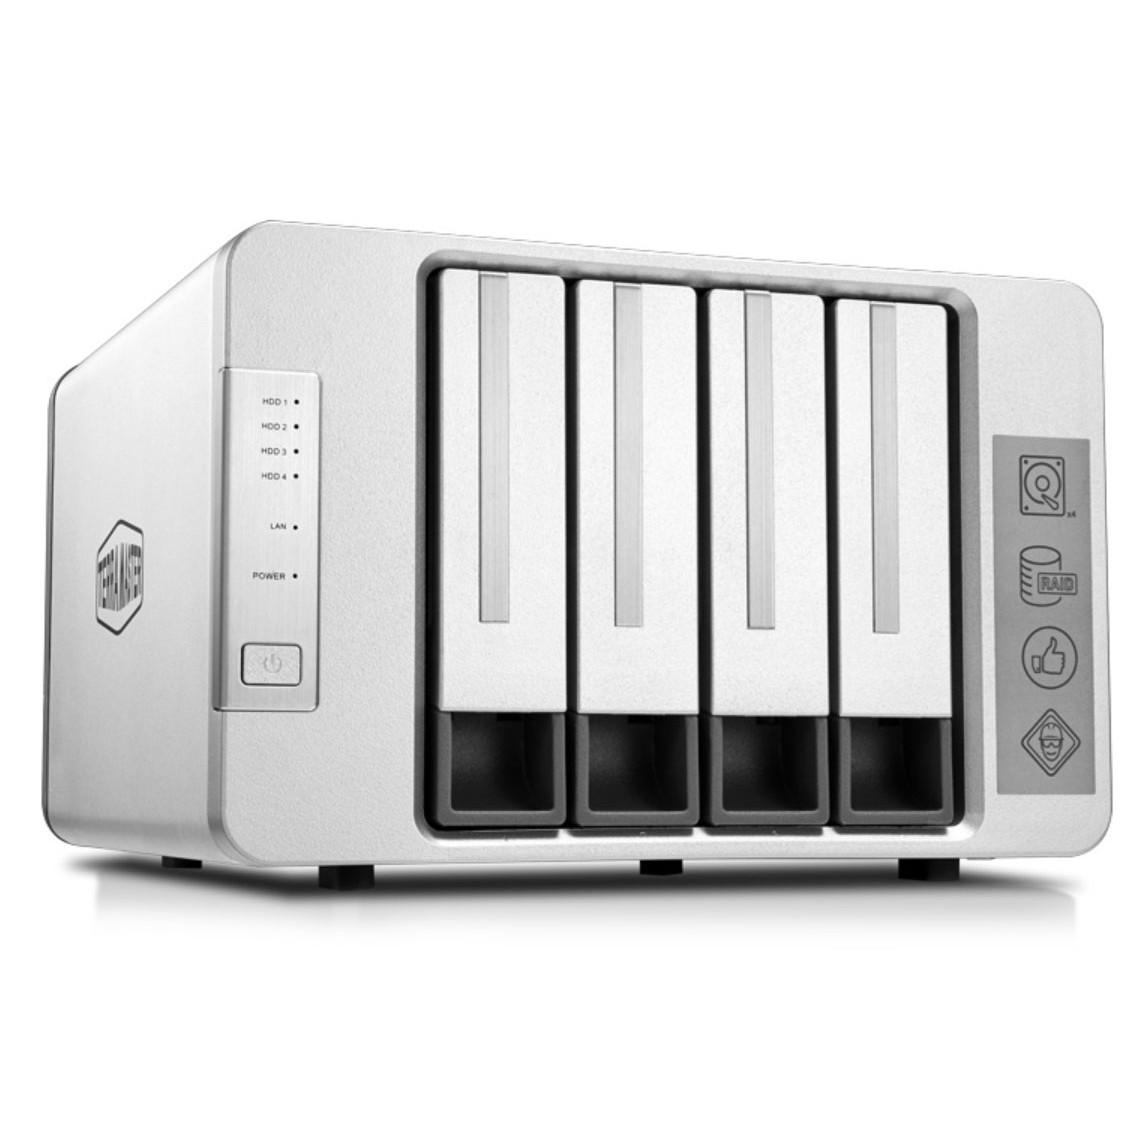 NAS TerraMaster F4-421, Intel Quad-core CPU 1.5GHz, 4GB RAM, 4 HDD bays - Hàng chính hãng